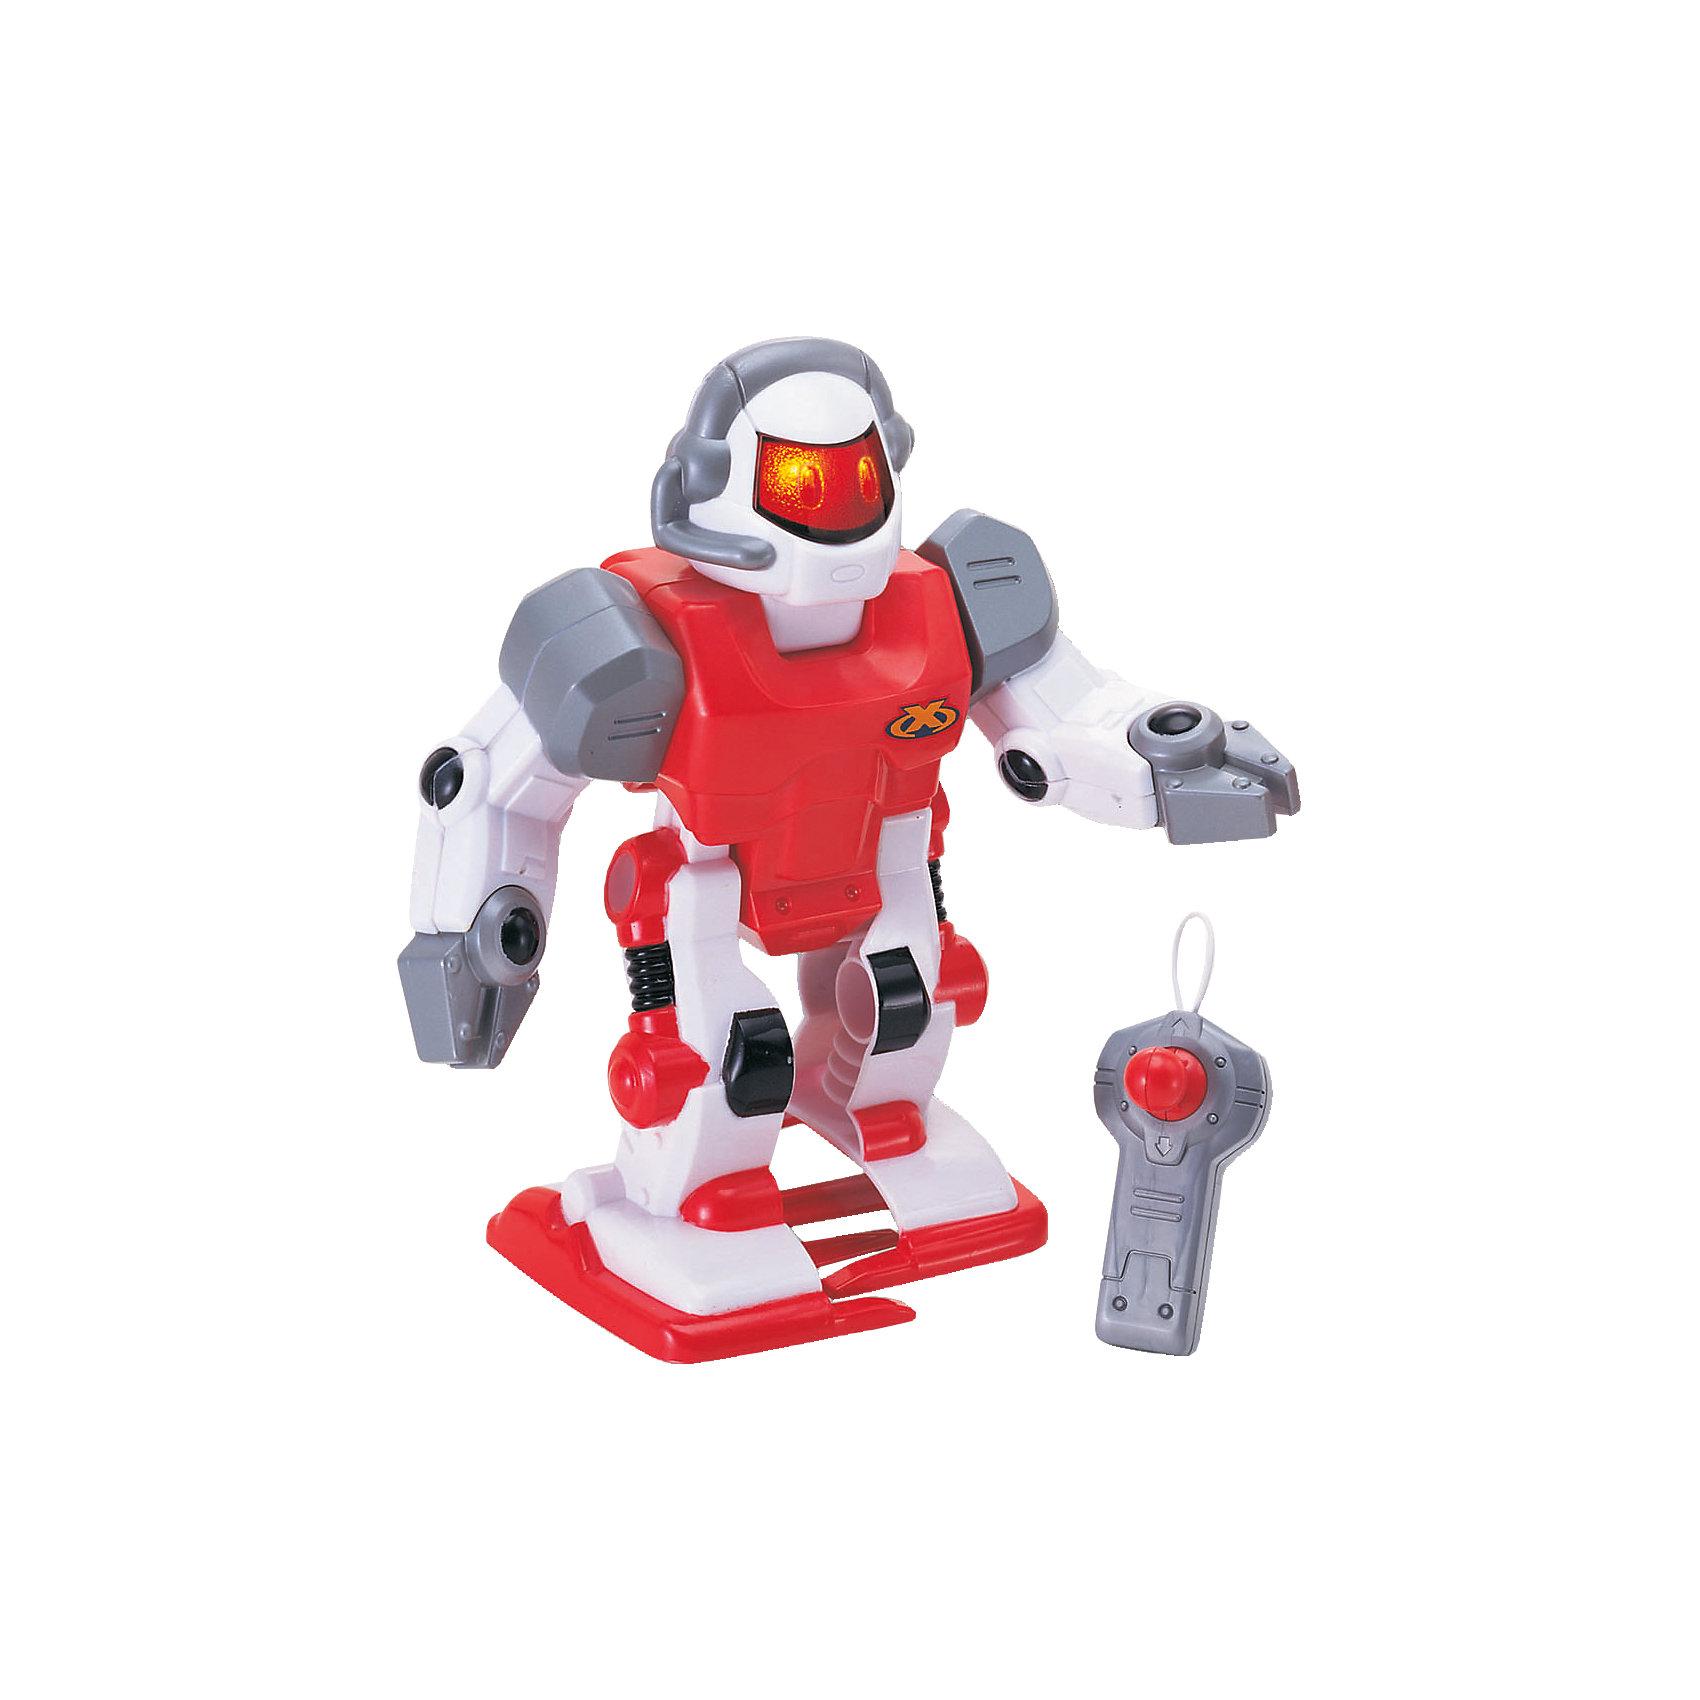 Робот красный, на р/у, KeenwayСимпатичный робот Keenway (Кинвэй) классный подарок юному любителю робототехники! Управлять им совсем не сложно в комплекте есть пульт управления. При ходьбе робот двигает руками, благодаря чему его движения становятся более реалистичными. Нажми на специальную кнопку и робот заговорит! Ребенок очень заинтересуется этим роботом, ведь с помощью него можно придумать так много захватывающих сюжетов. Робот выполнен из качественных материалов, у него загораются глаза и он может идти не только вперед, но и назад с разворота. Собирайтесь с друзьями и решайте чей робот самый интересный! Игры с роботами развивают у мальчишек сообразительность и логическое мышление.<br><br>Дополнительная информация: <br><br>- Робот движется вперед, назад и двигает руками;<br>- Управляется с пульта;<br>- Классные звуковые эффекты;<br>- Светятся глаза;<br>- Работает от 2 батарее АА (в комплекте);<br>- Прекрасный подарок мальчишке;<br>- Цвет: красный;<br>- Размер упаковки: 10,8 х 22,9 х 20,3;<br>- Вес: 500 г<br><br>Робота красного, на р/у, Keenway (Кинвэй) можно купить в нашем интернет-магазине<br><br>Ширина мм: 108<br>Глубина мм: 229<br>Высота мм: 203<br>Вес г: 500<br>Возраст от месяцев: 36<br>Возраст до месяцев: 84<br>Пол: Мужской<br>Возраст: Детский<br>SKU: 4001671